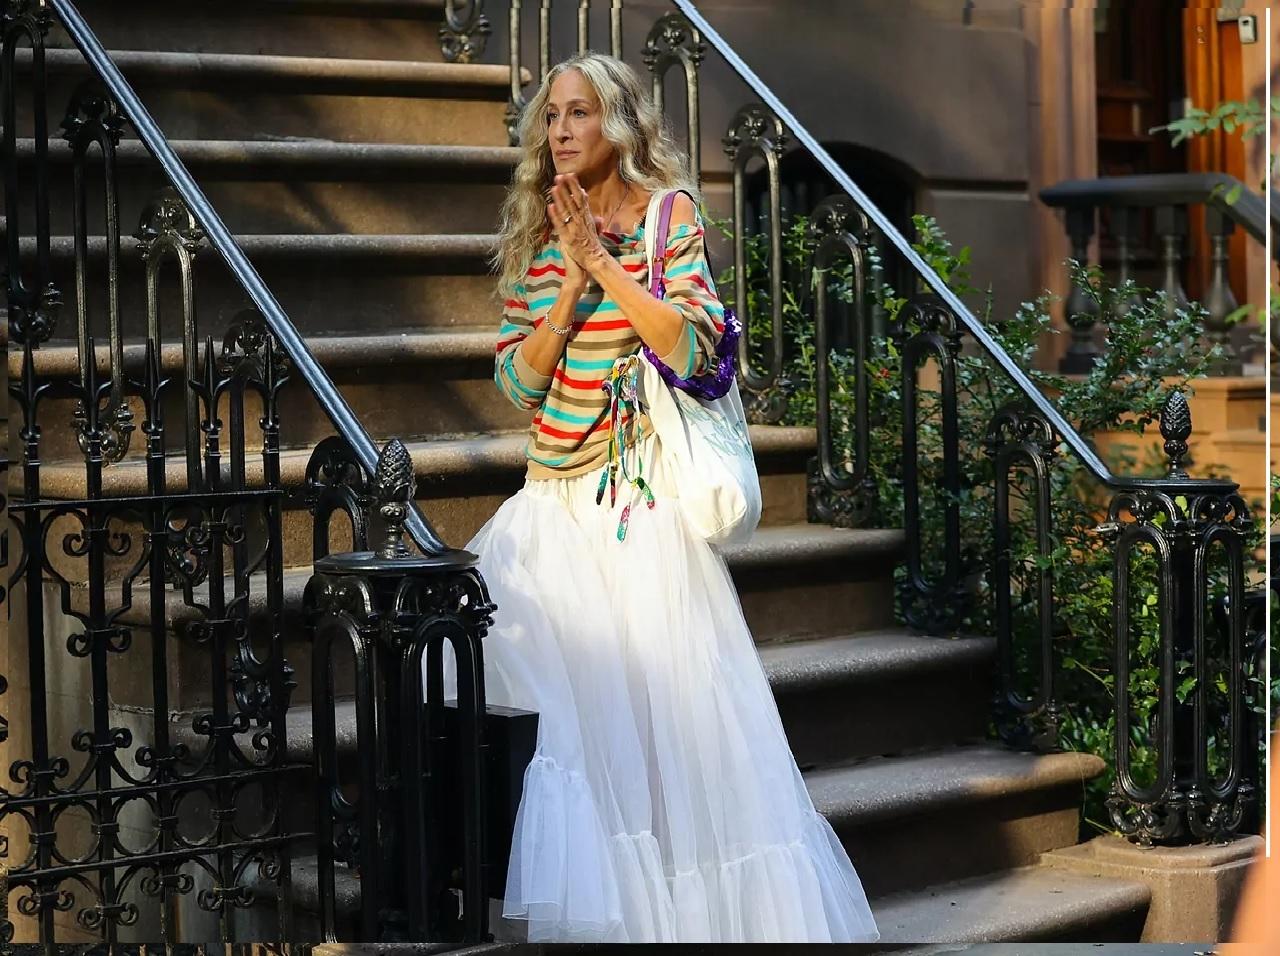 Carrie con una falda de tul.